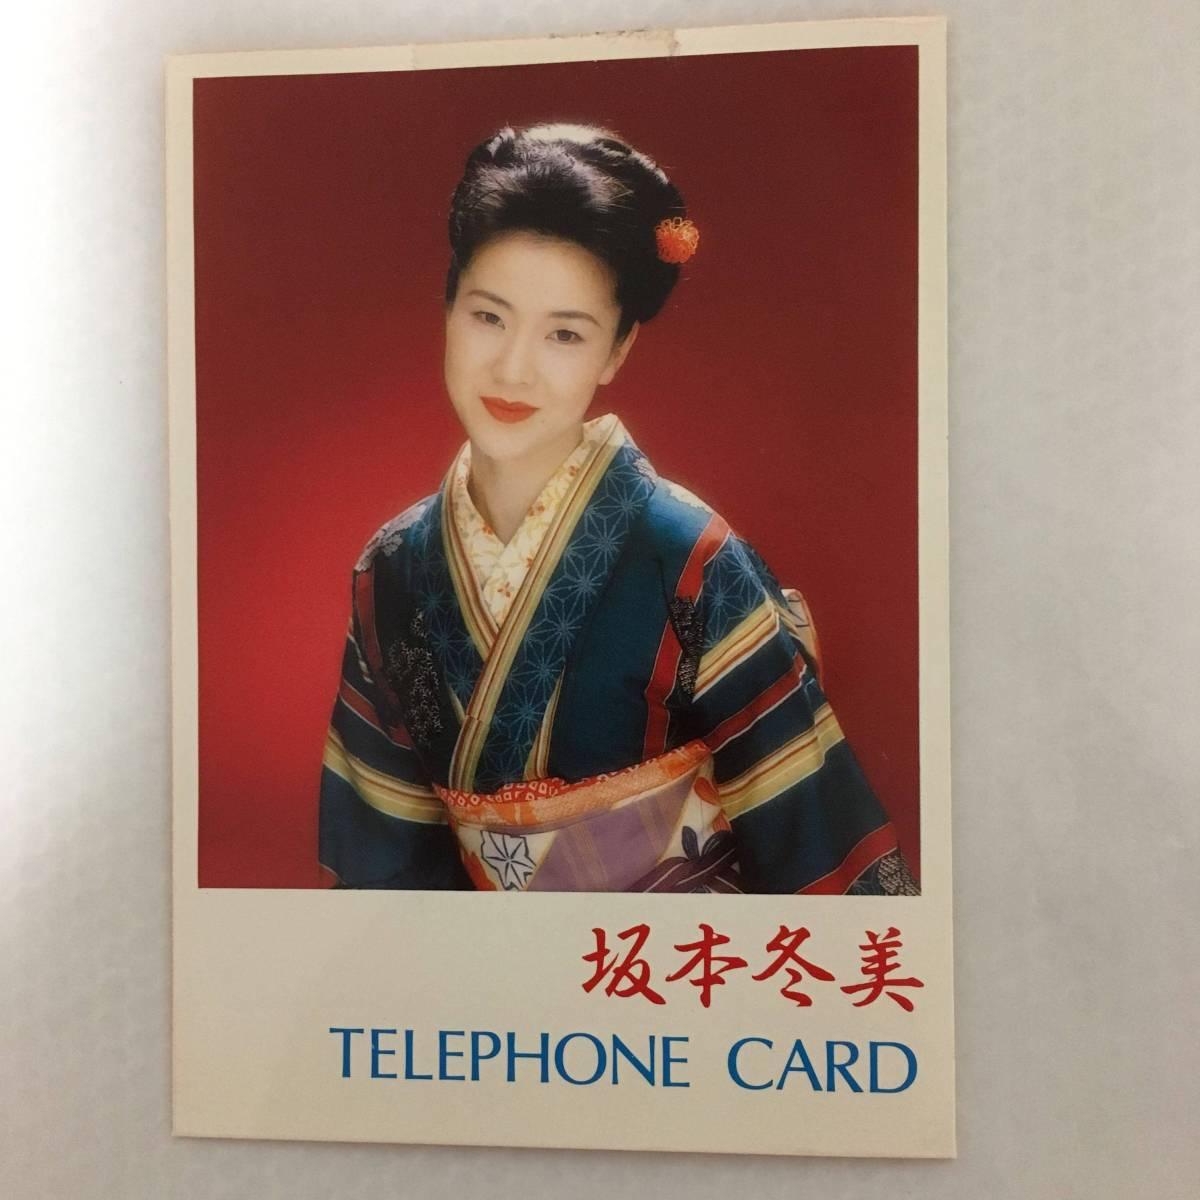 坂本冬美 ファンクラブ使用 テレホンカード